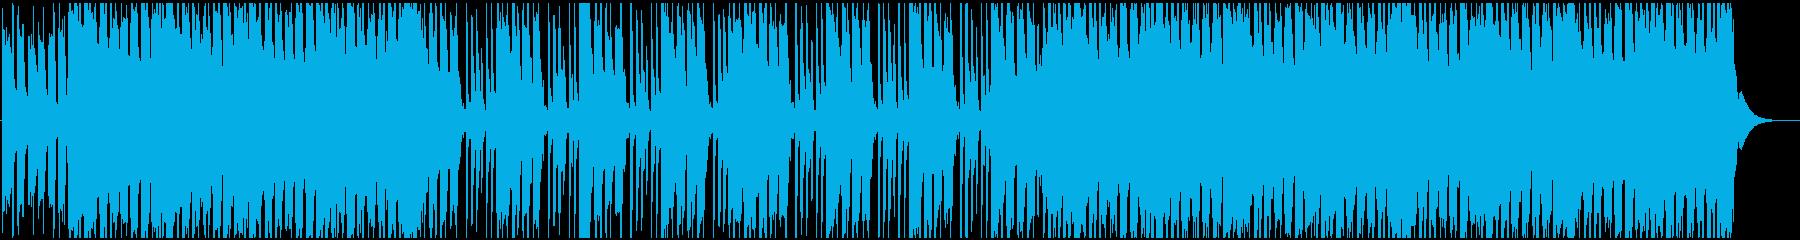 ポップロックなギターリフの再生済みの波形